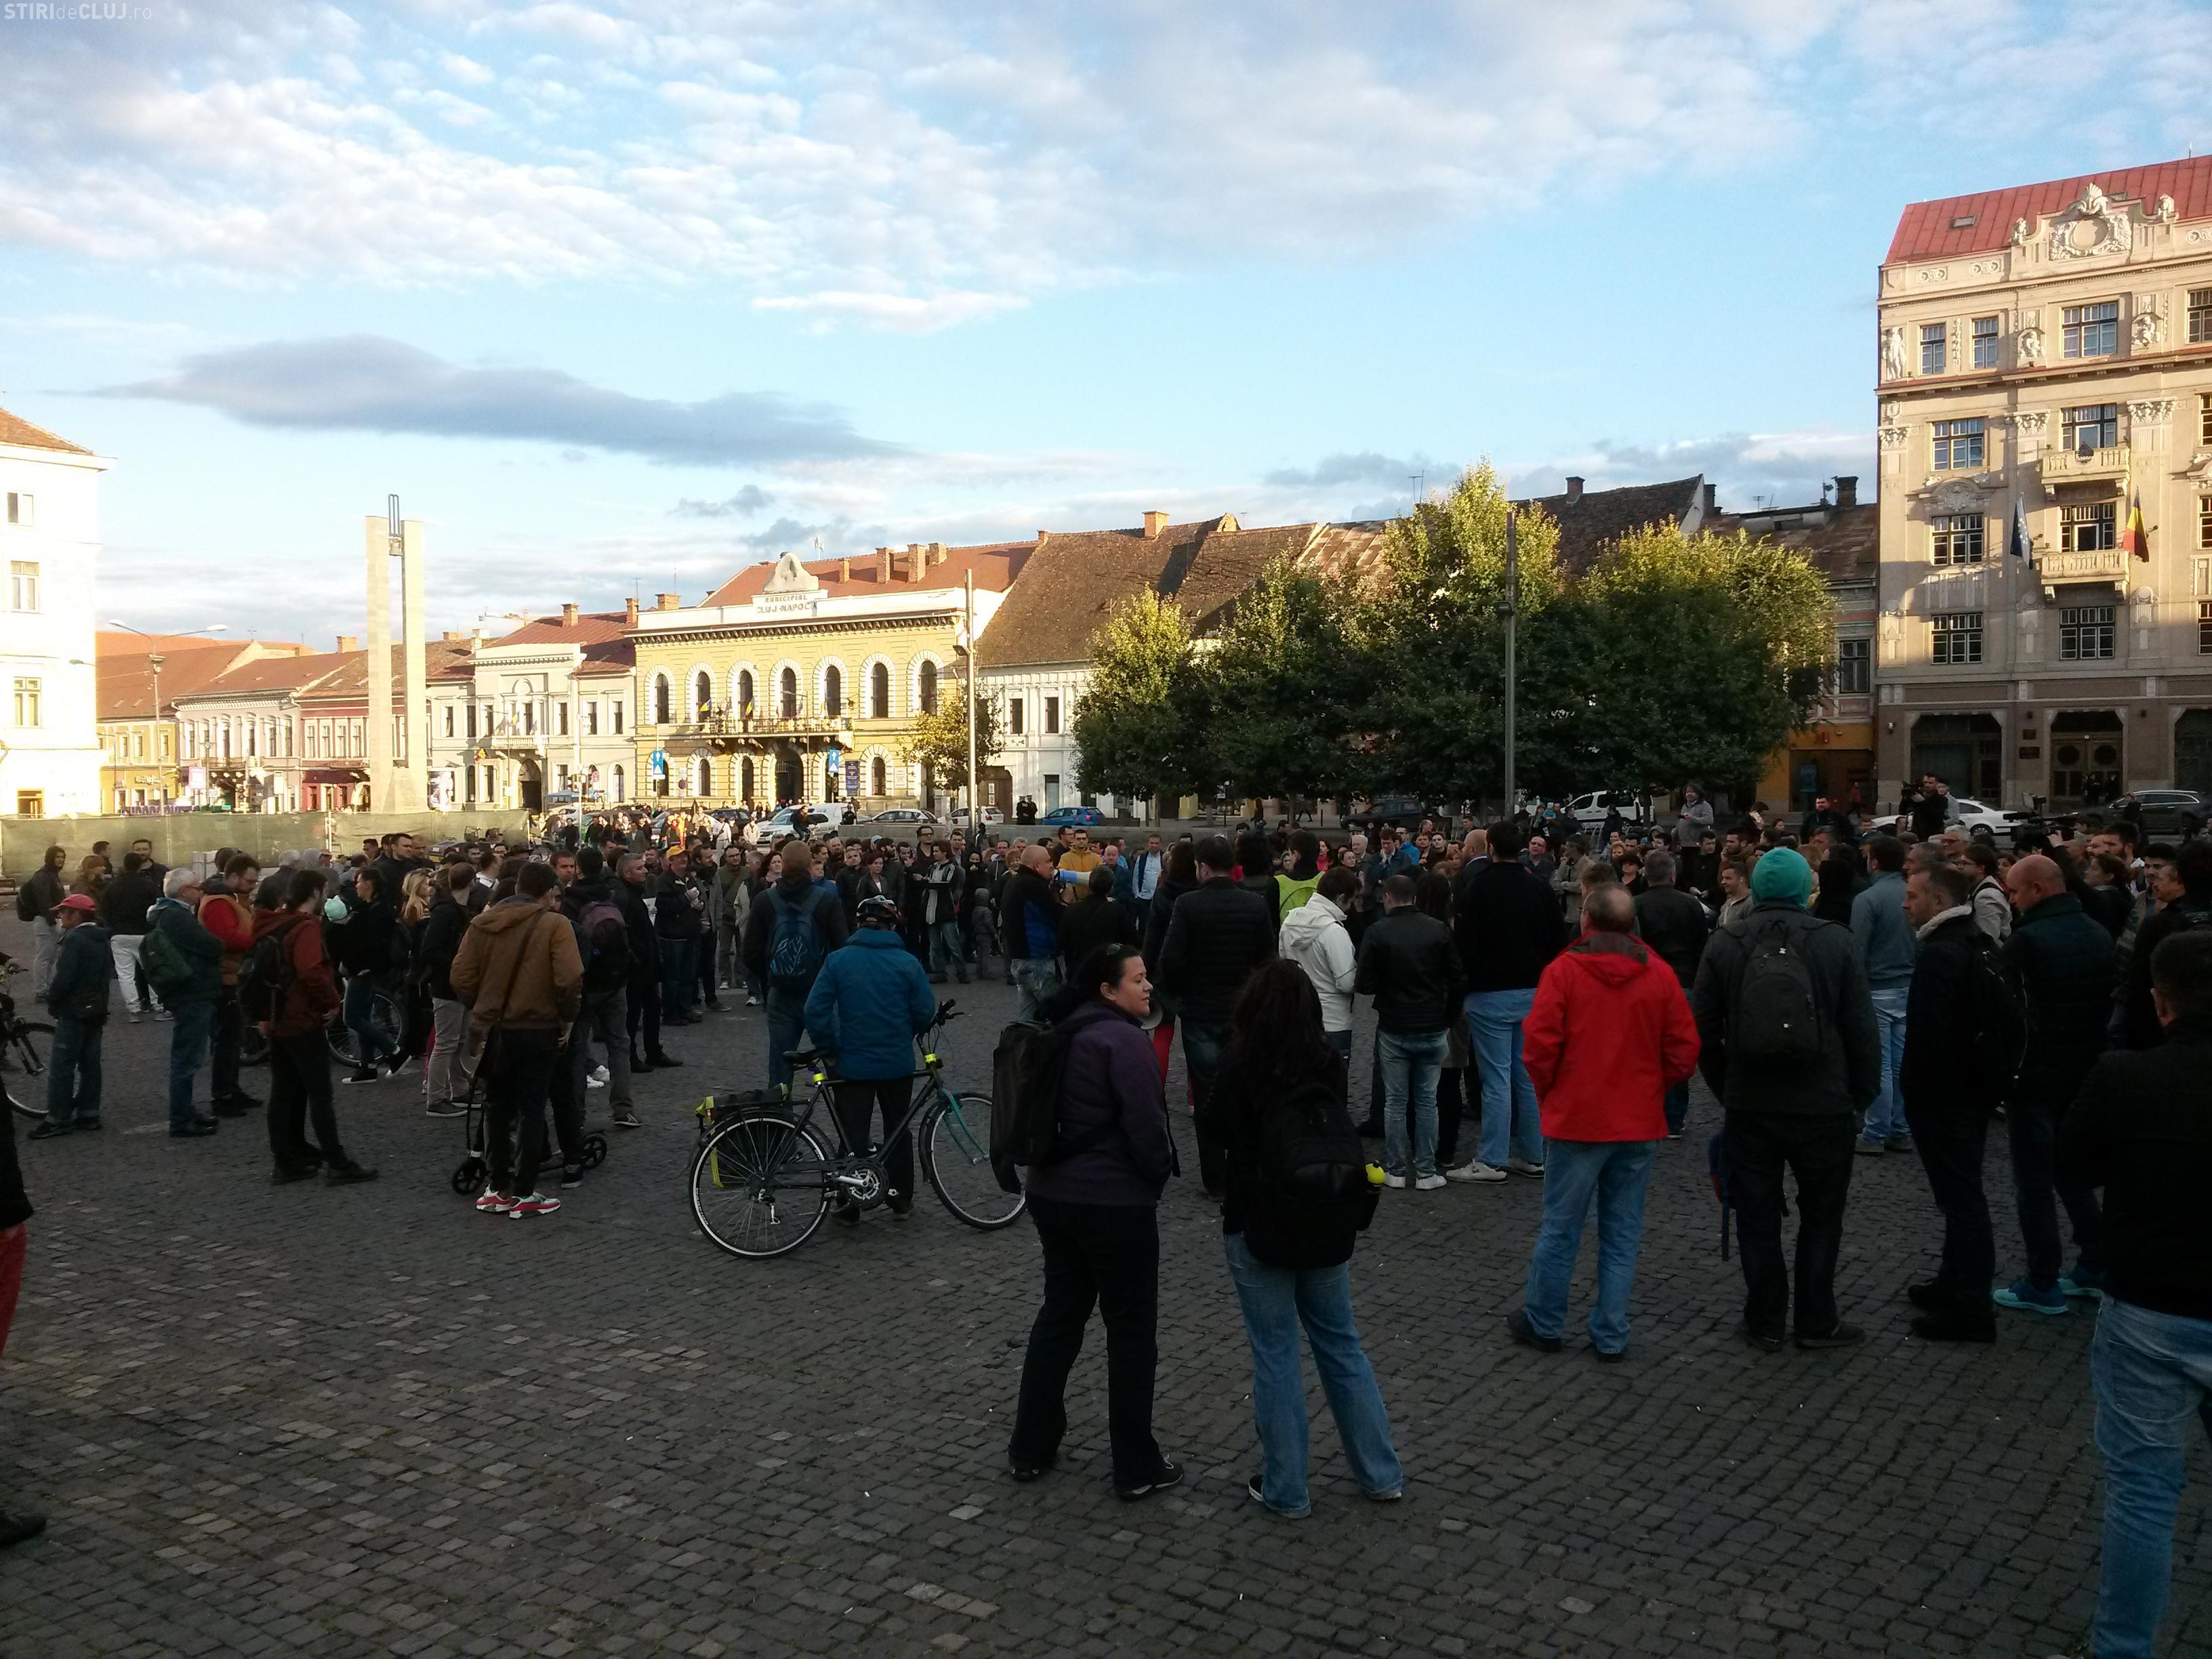 Cluj - Peste 200 de persoane au protestat față de SALVAREA lui Oprea de cercetarea DNA - FOTO